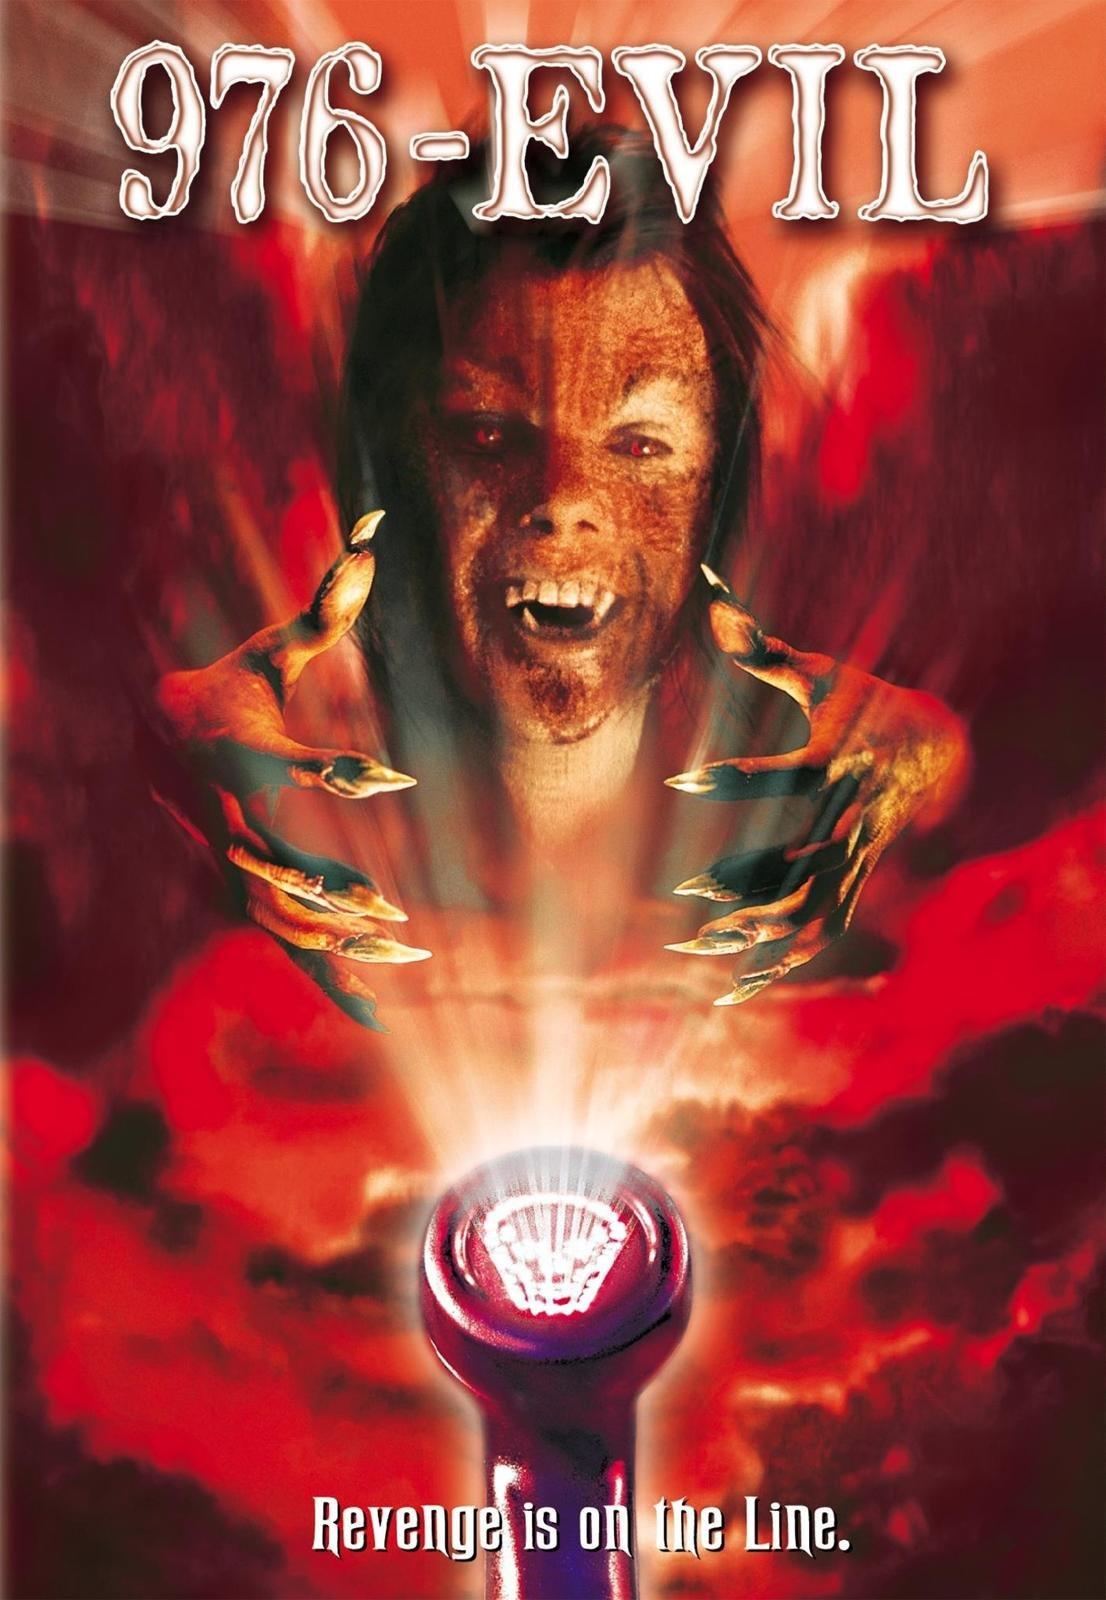 Watch 976 Evil Prime Video 976-EVIL